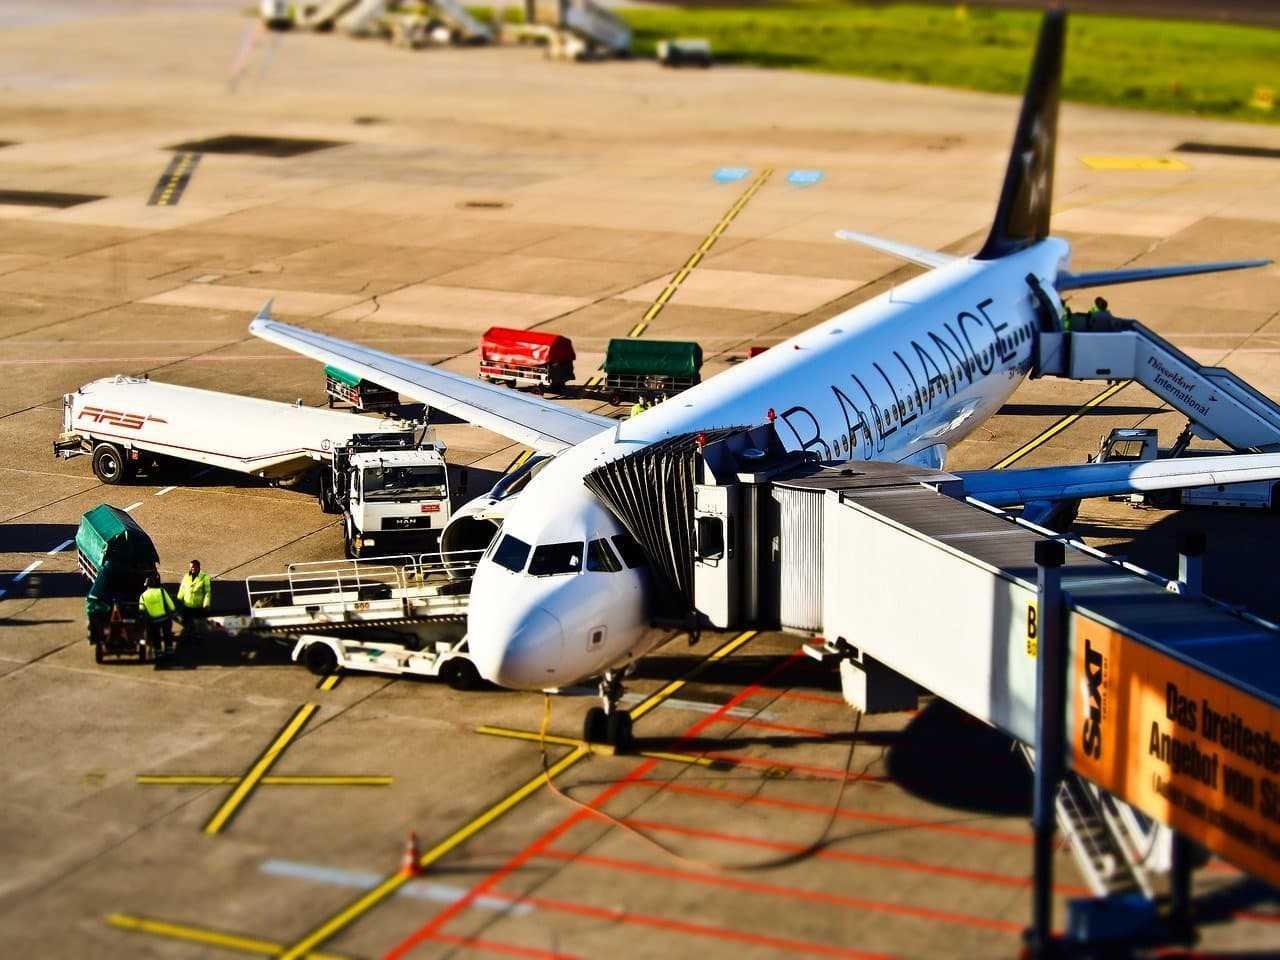 Podróż samolotem a koronawirus – co się zmieni?